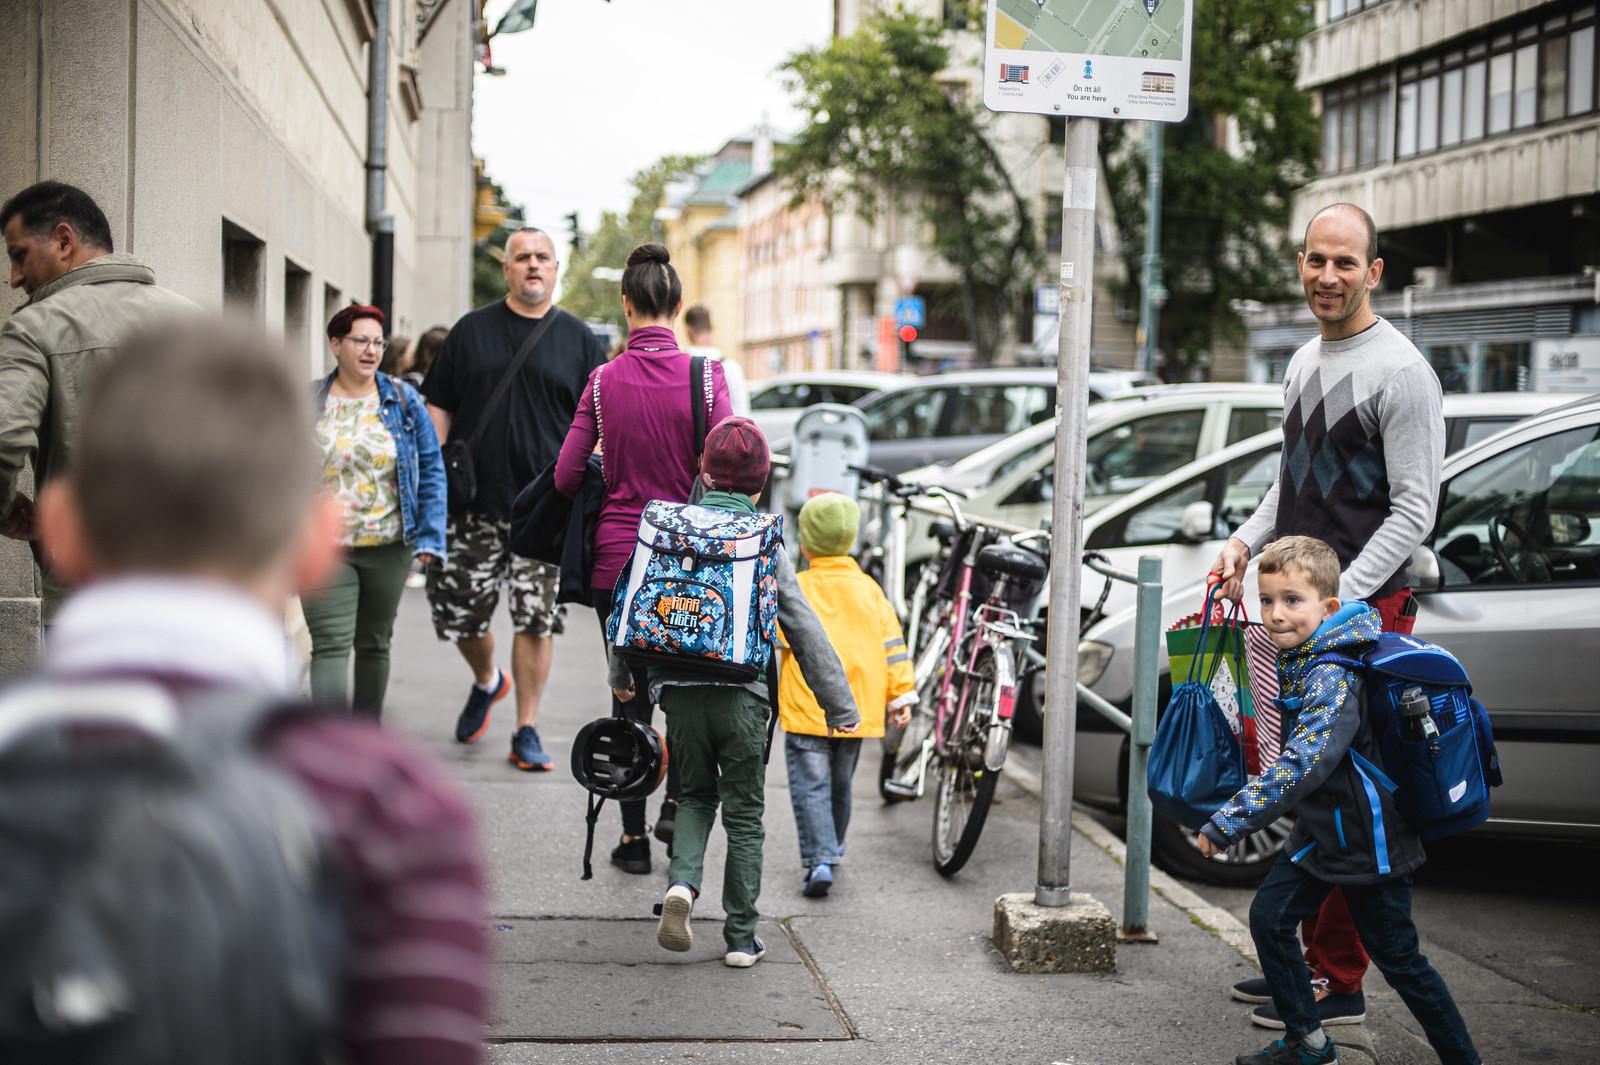 A gyerekek egy része szerint marha unalmas volt a tanévnyitó, de a jelenléti oktatásnak legtöbbjük örül